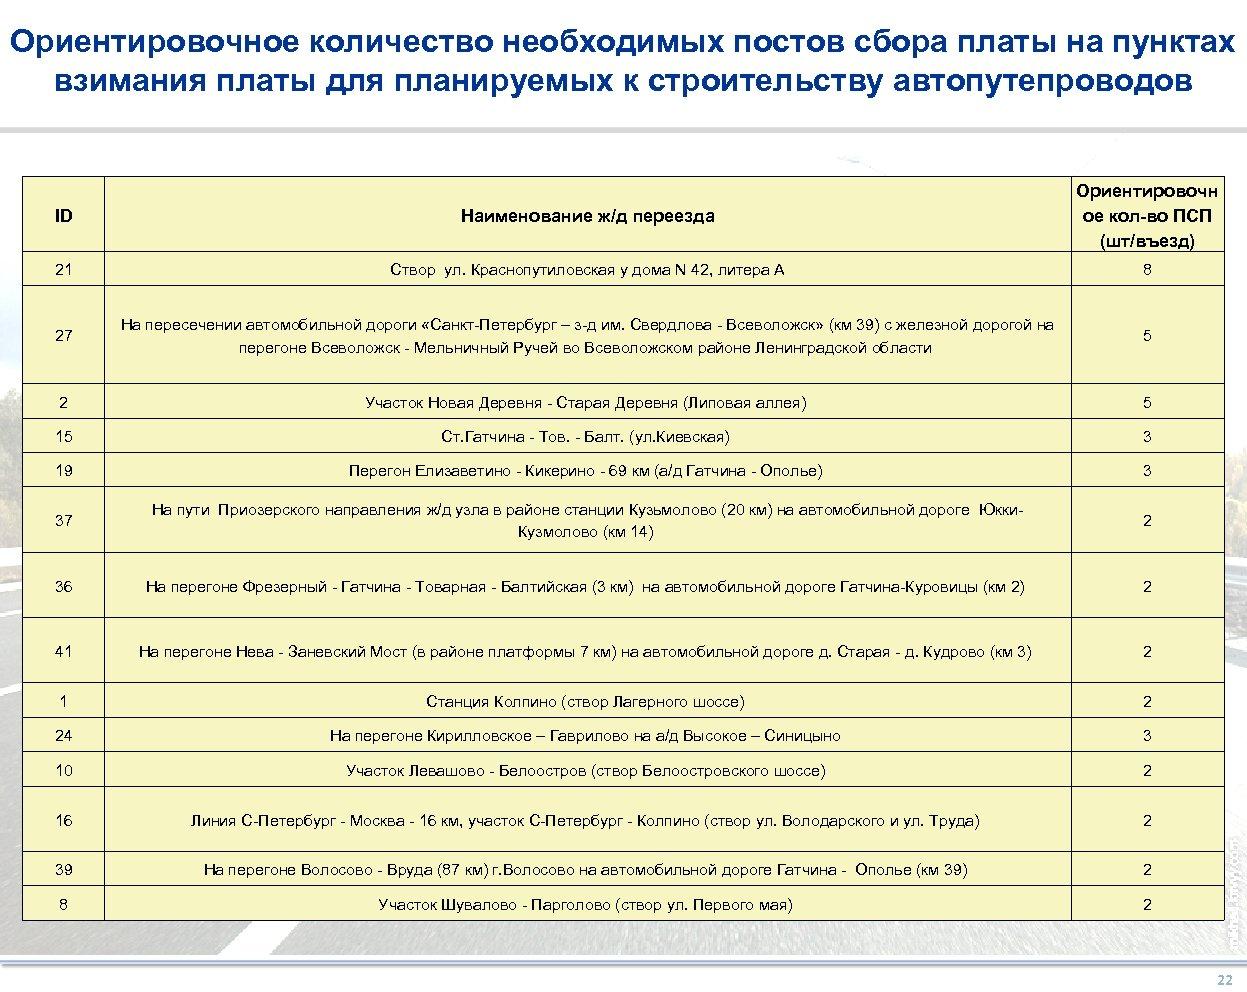 Ориентировочное количество необходимых постов сбора платы на пунктах взимания платы для планируемых к строительству